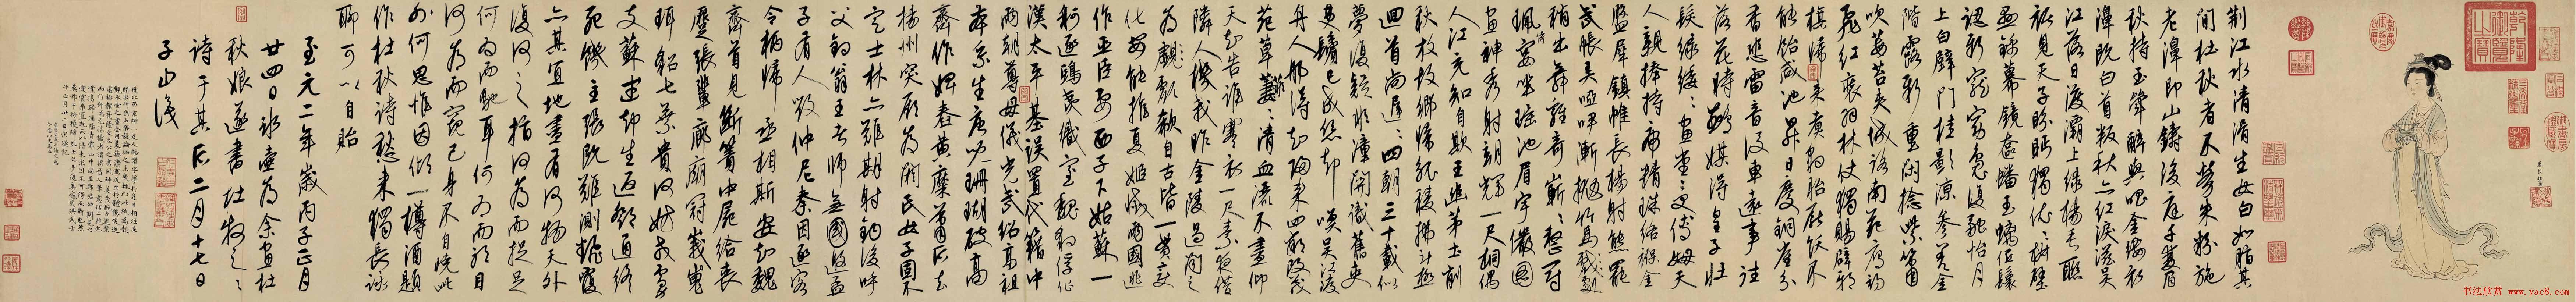 元代康里巎巎行书题周朗绘《杜秋娘图卷》